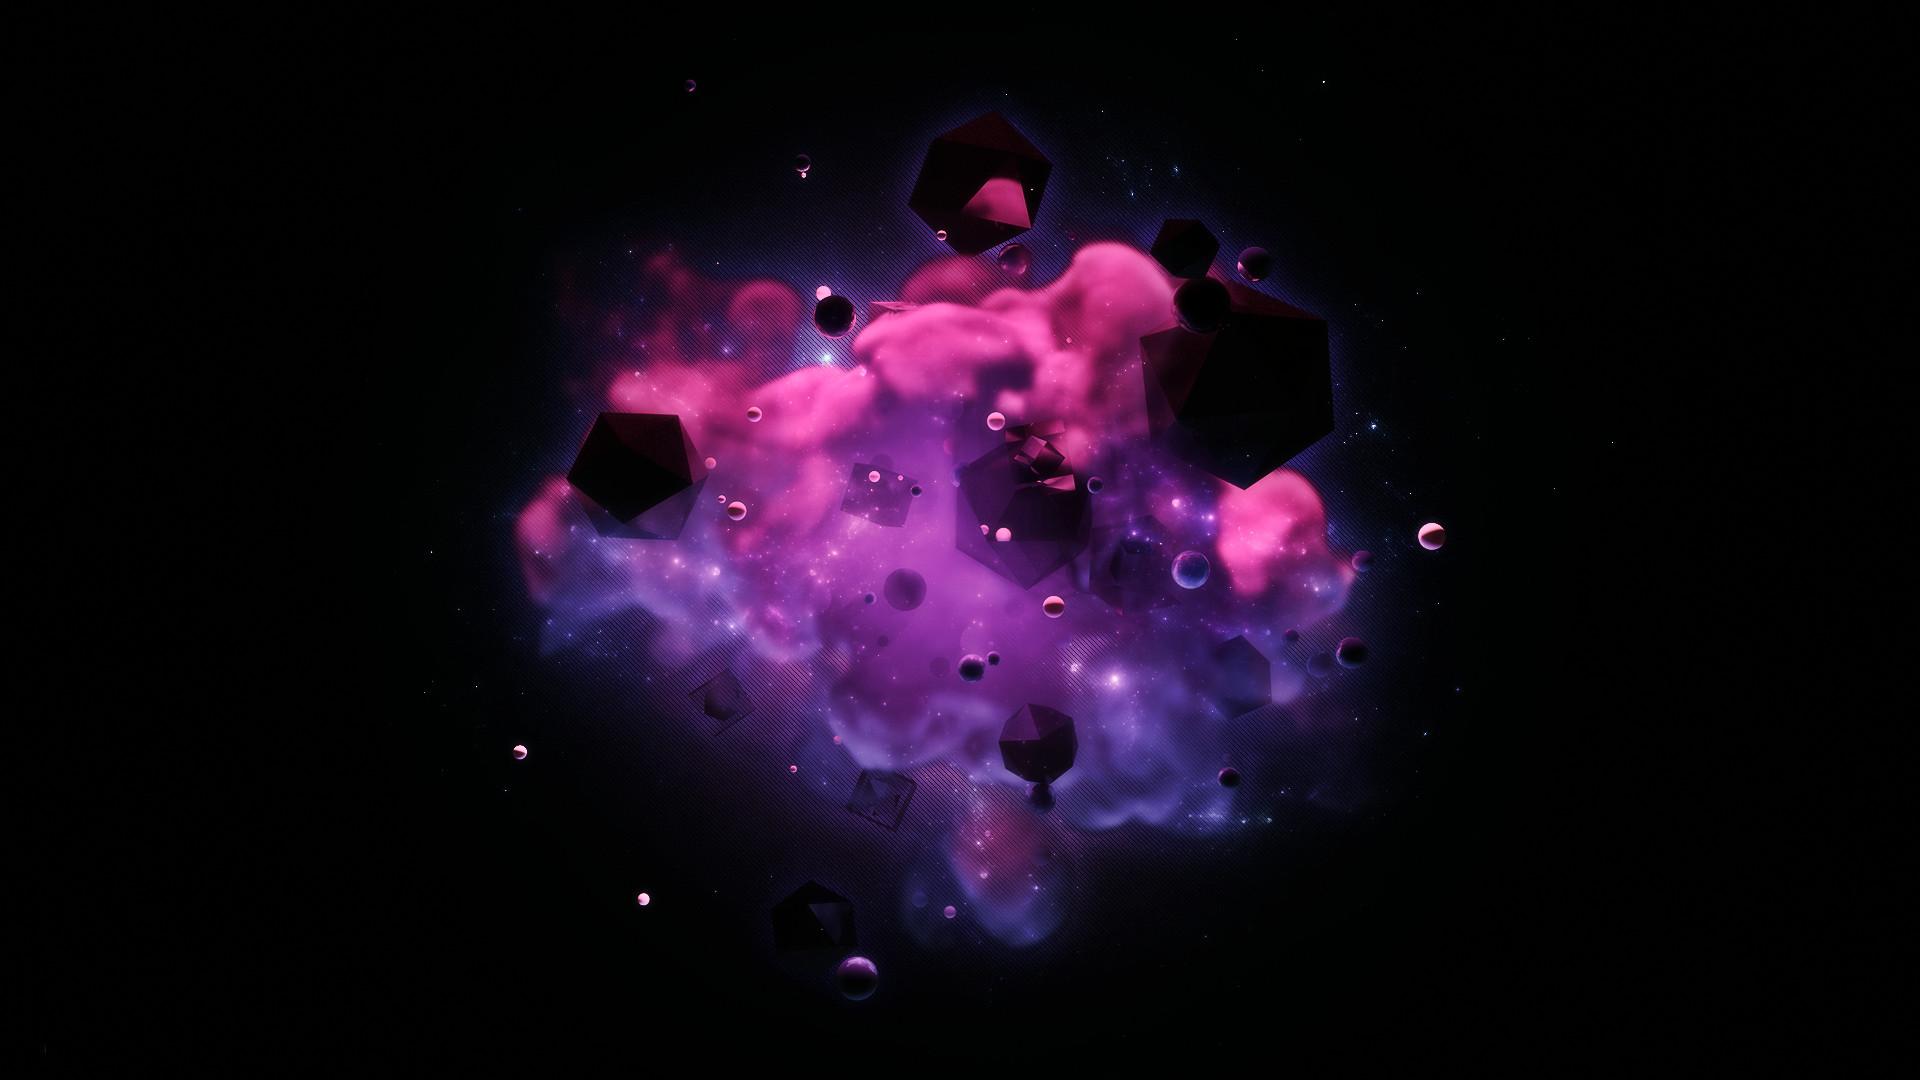 purple polygon in smoke 3d hd wallpaper – HD Background